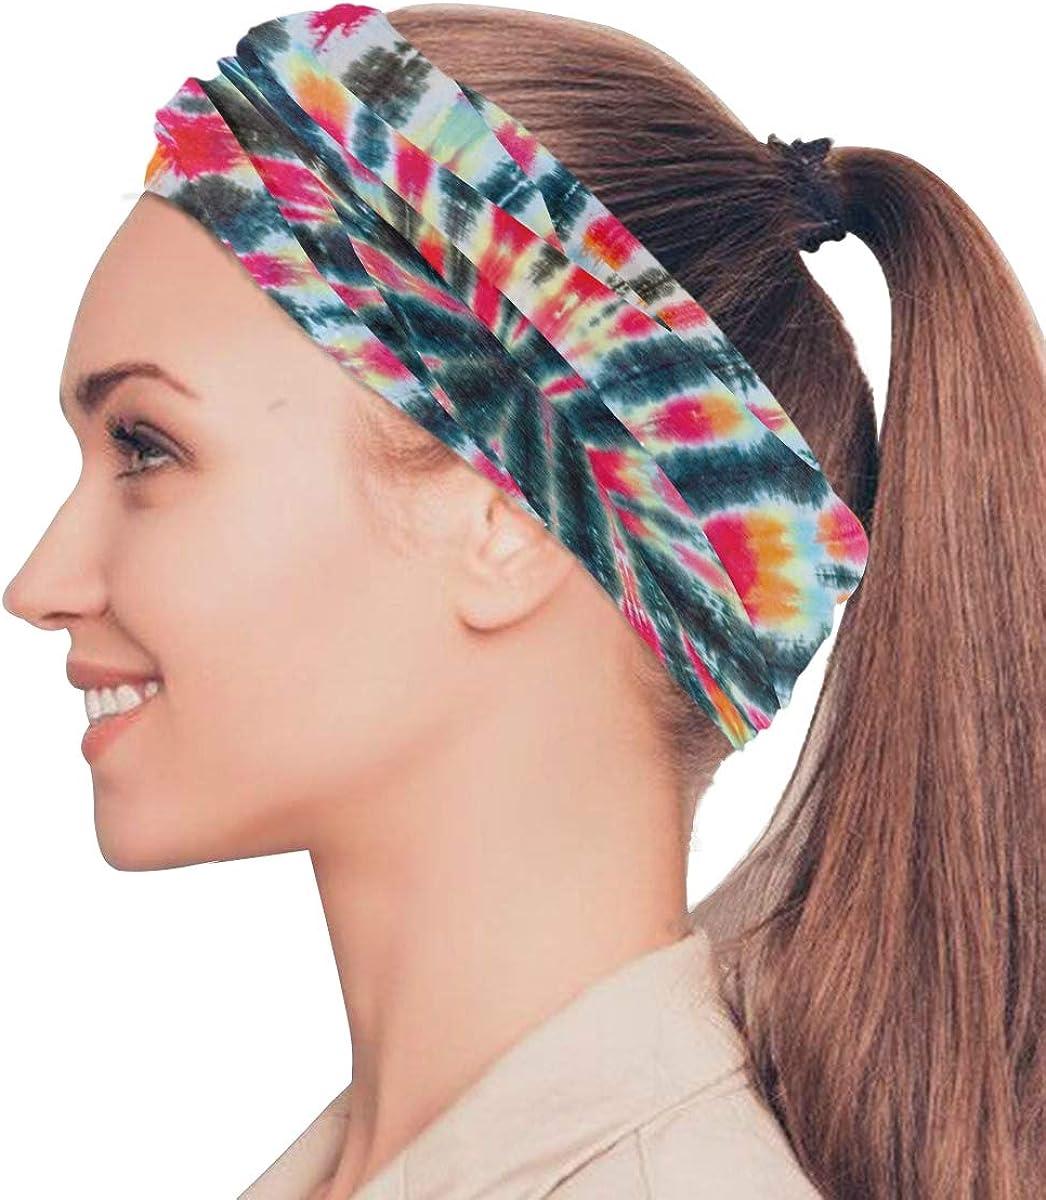 TUOFUBAGS Ethnische Eule Mandala Blume Multifunktionstuch Nahtloses Halstuch Schlauchtuch Kopftuch Stirnband Bandana Outdoor UV Staubschutz Mund-Tuch Bandanas